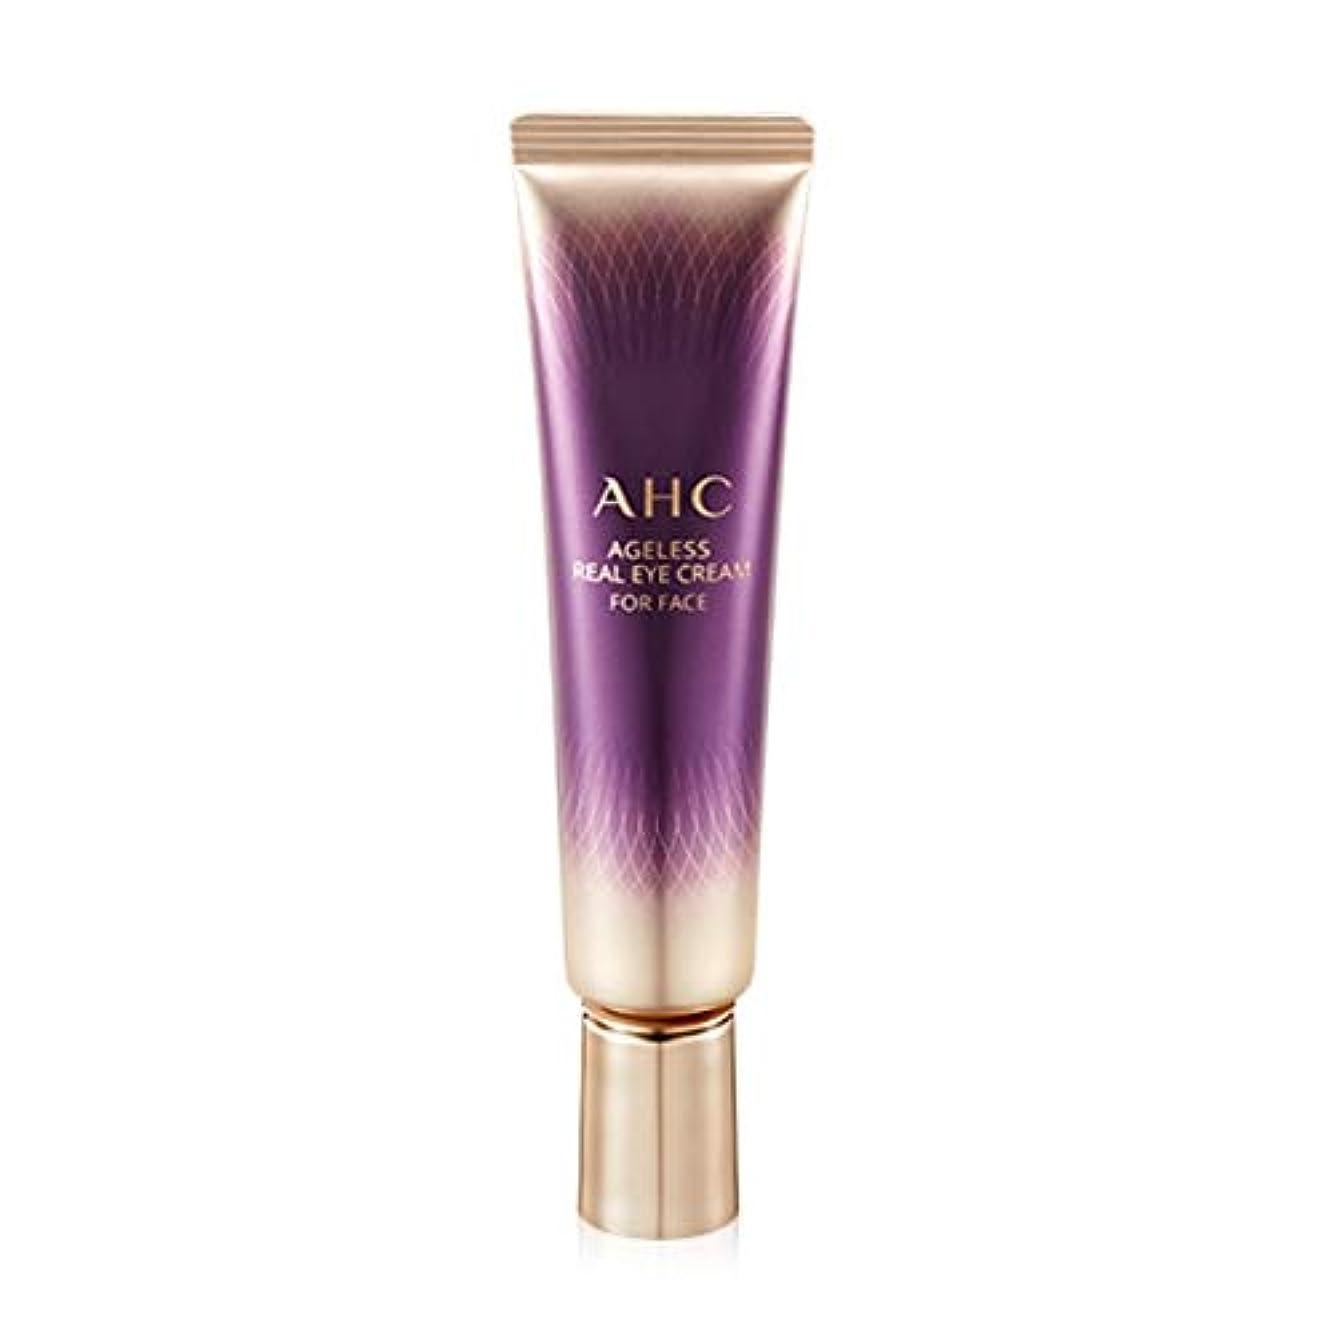 みなす魔女特権[New] AHC Ageless Real Eye Cream For Face Season 7 30ml / AHC エイジレス リアル アイクリーム フォーフェイス 30ml [並行輸入品]